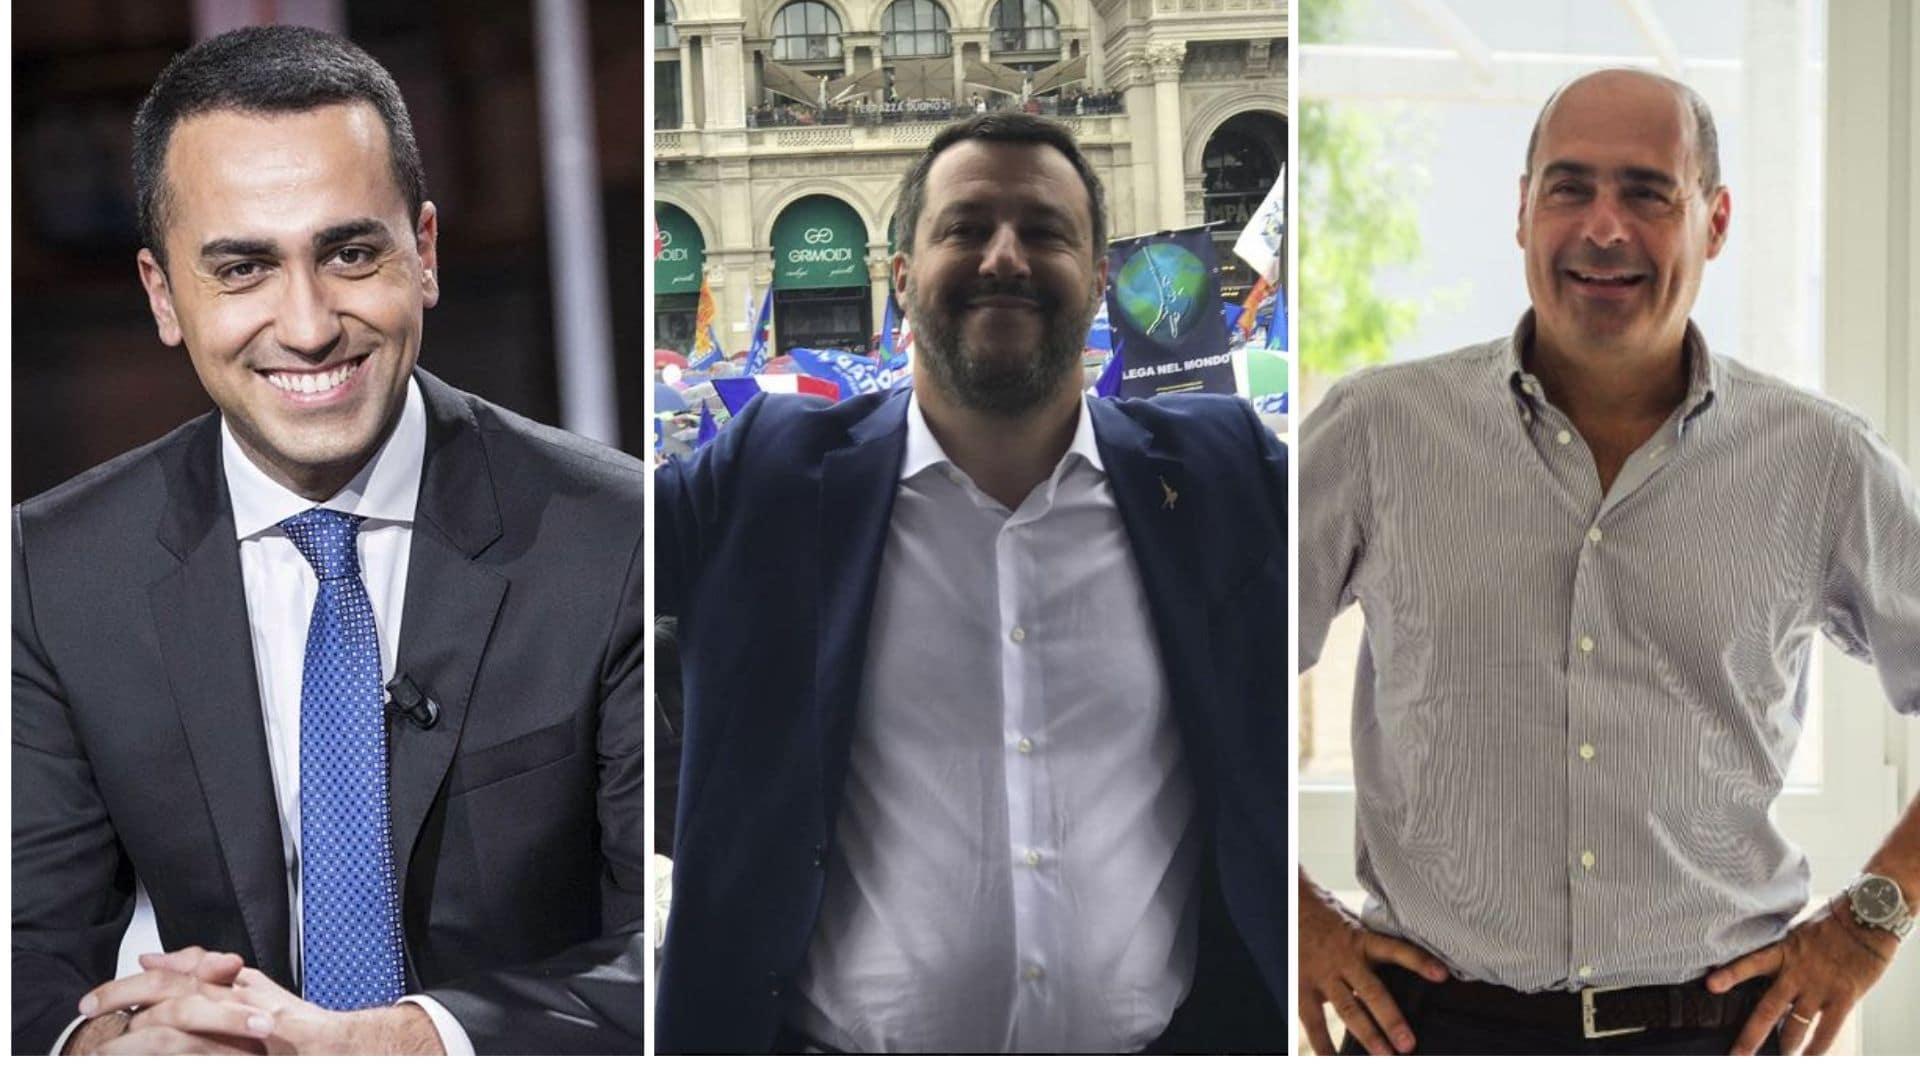 Elezioni europee. Esito disastroso: Lega primo partito, crollo 5 stelle, al Pd le città